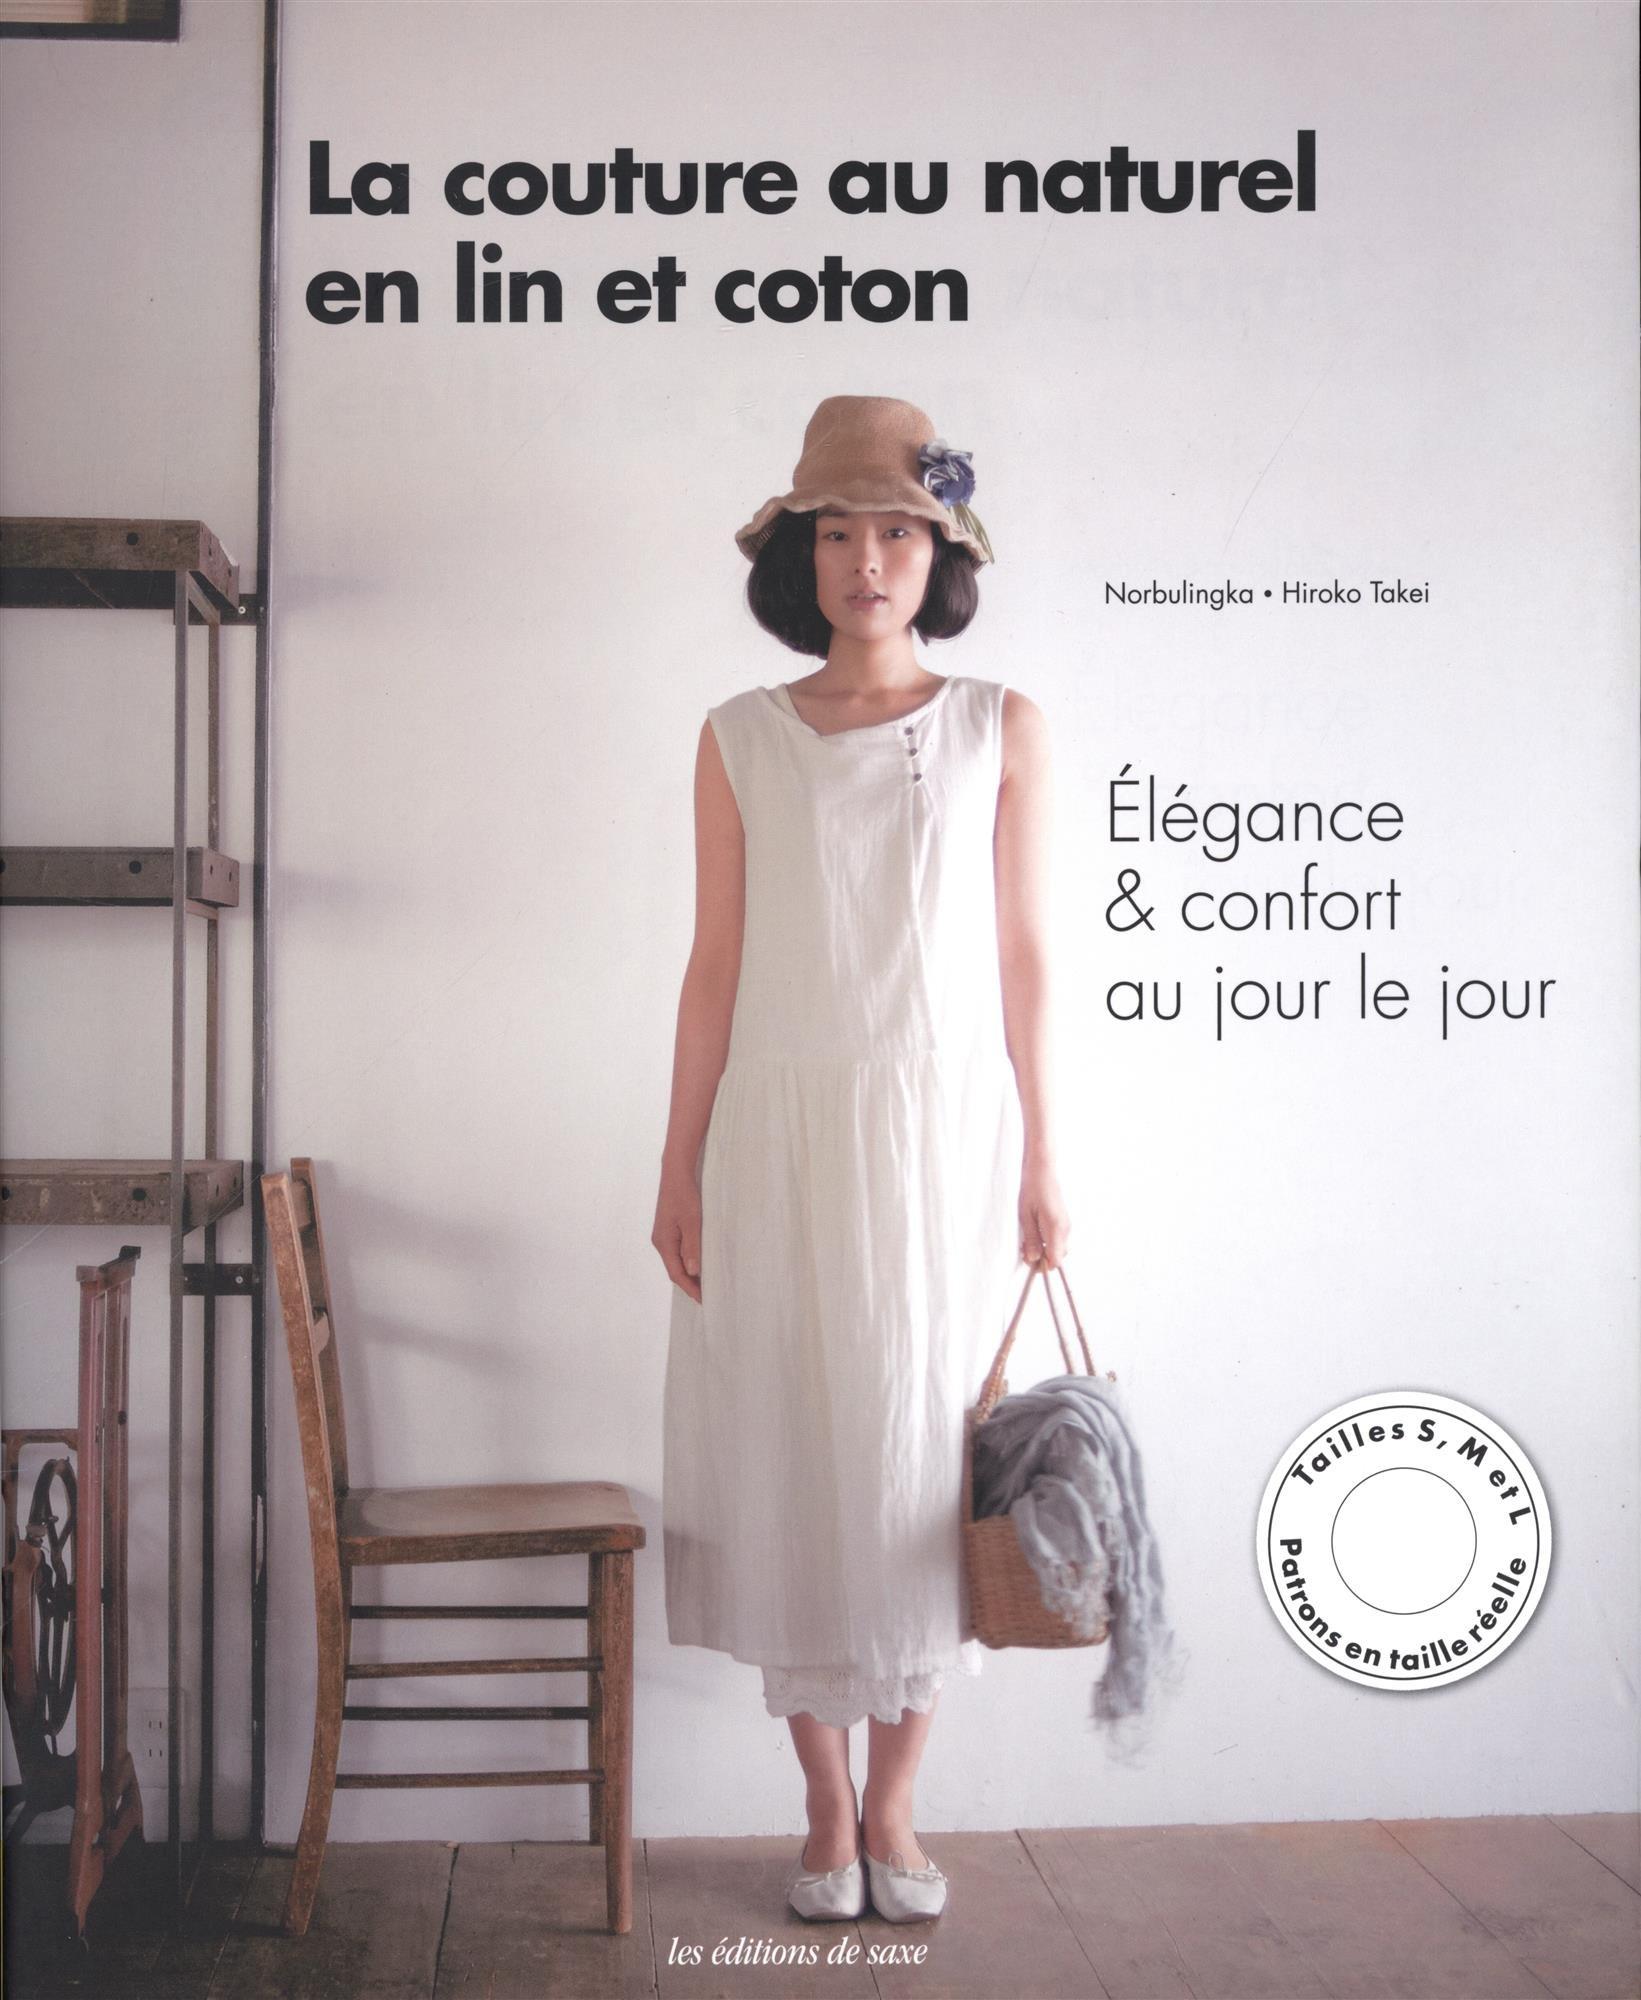 La couture au naturel en lin et coton : Elégance & confort au jour le jour - Tailles S, M et L - Patrons en taille réelle